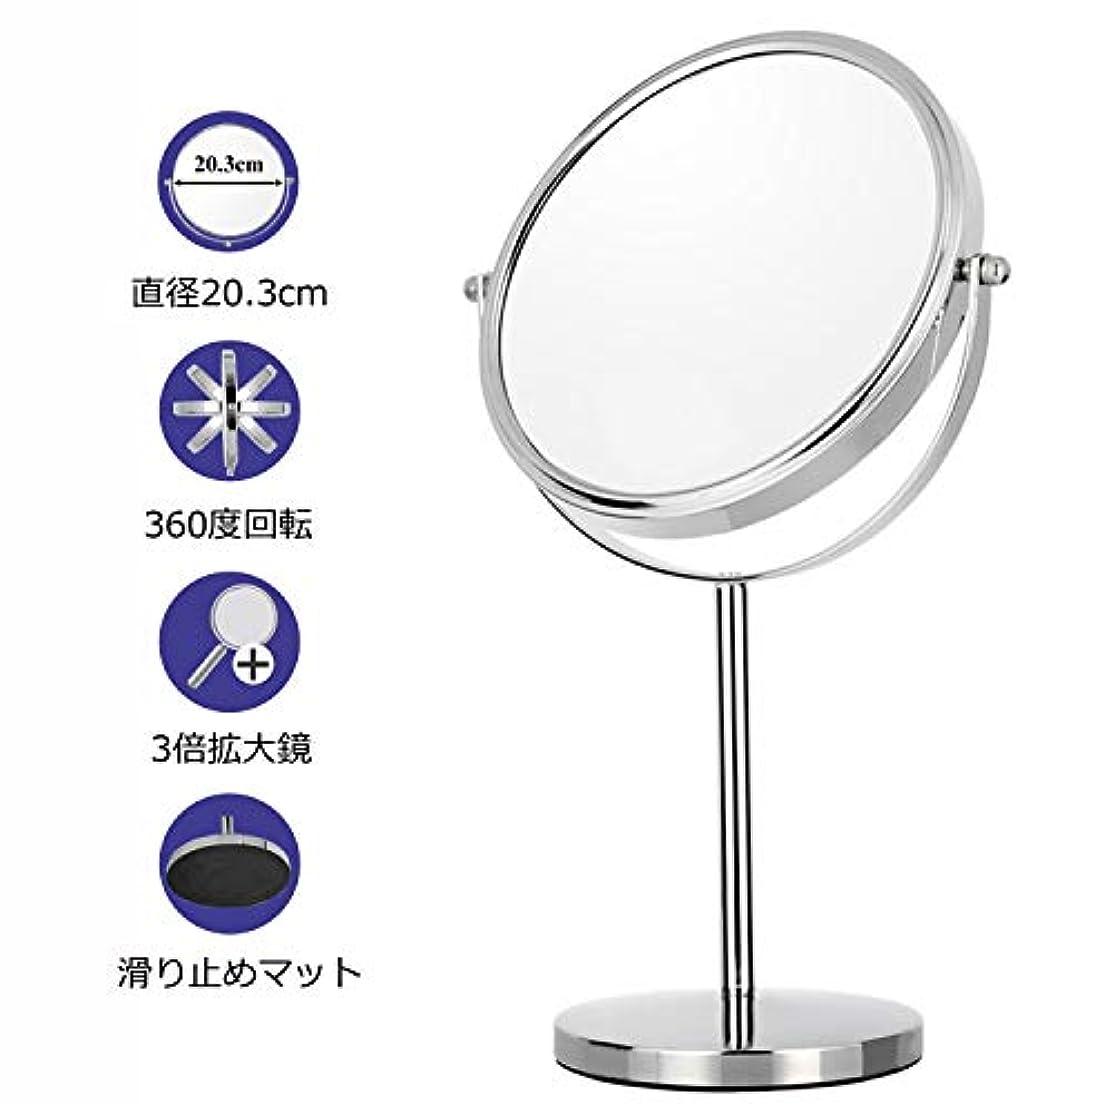 立ち向かう司令官基準鏡 卓上 拡大鏡付き 3倍卓上鏡 真実の両面鏡 浴室鏡 ミラー 360度回転 スタンドミラー クロム 鏡 (鏡面23.2cm)